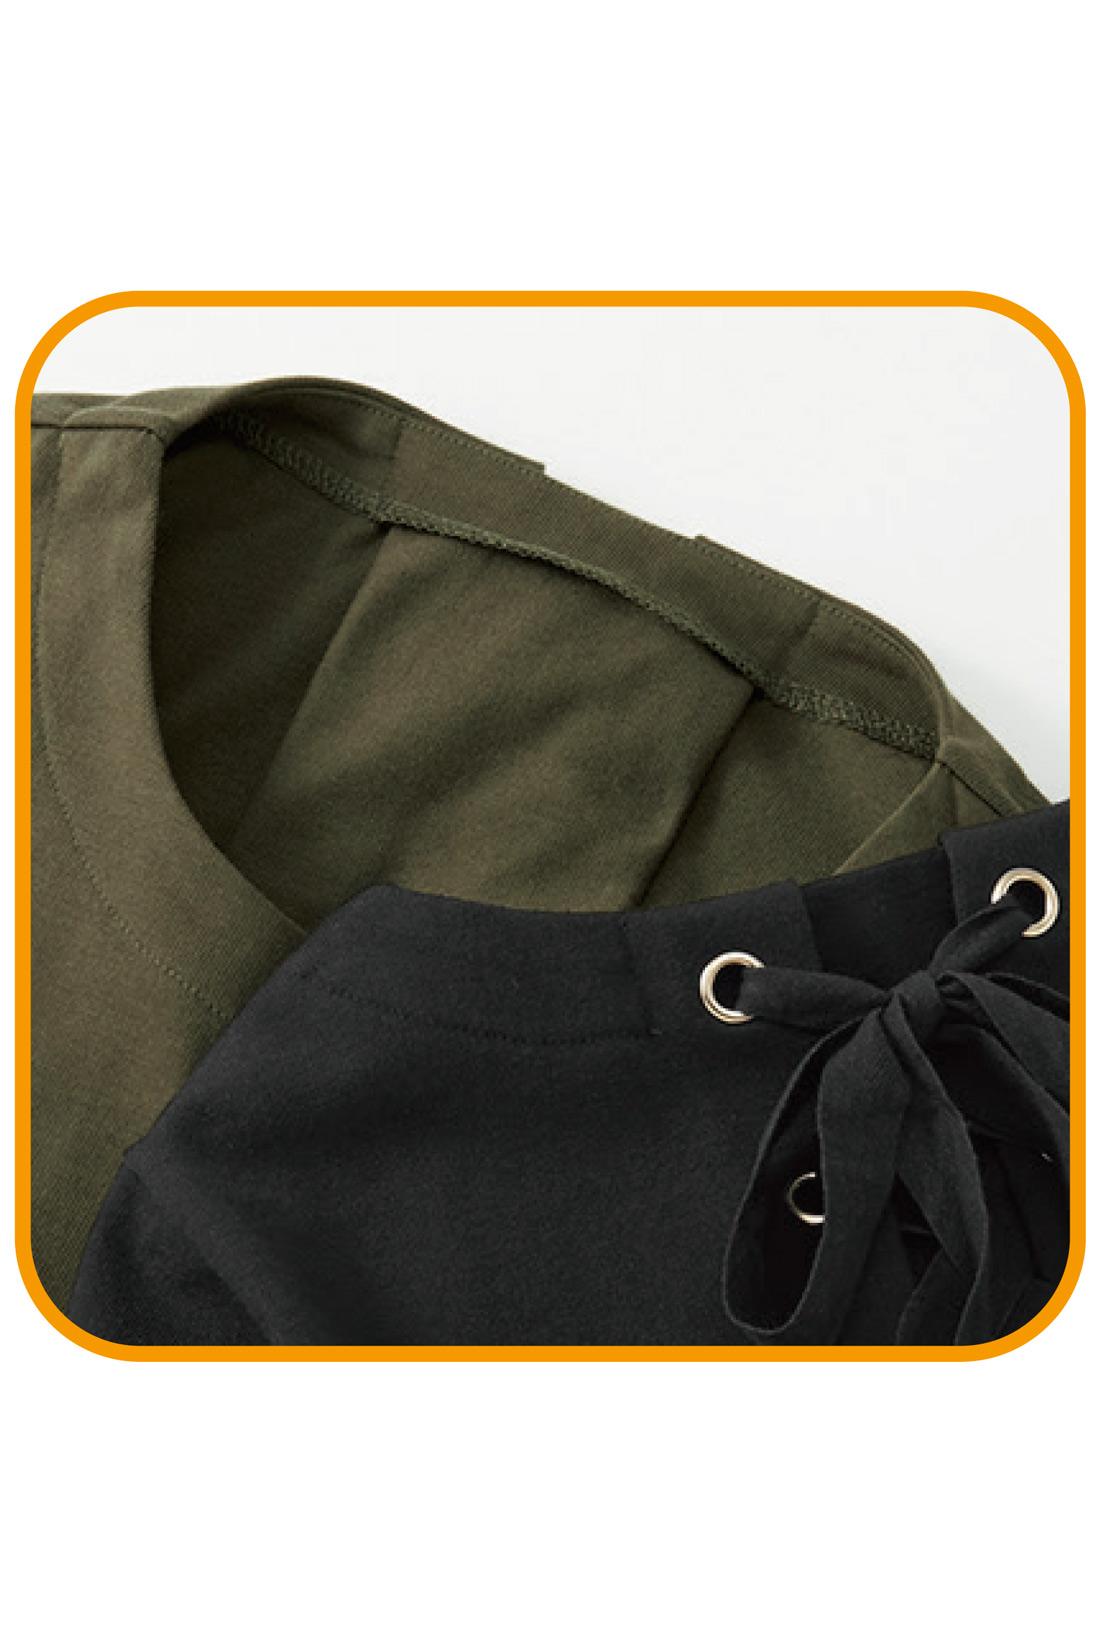 レースアップディテールの下にあて布をして、肌見え防止。はと目が肌に当たらず快適に着られます。秋いちばんはさらりと一枚で、どうぞ。